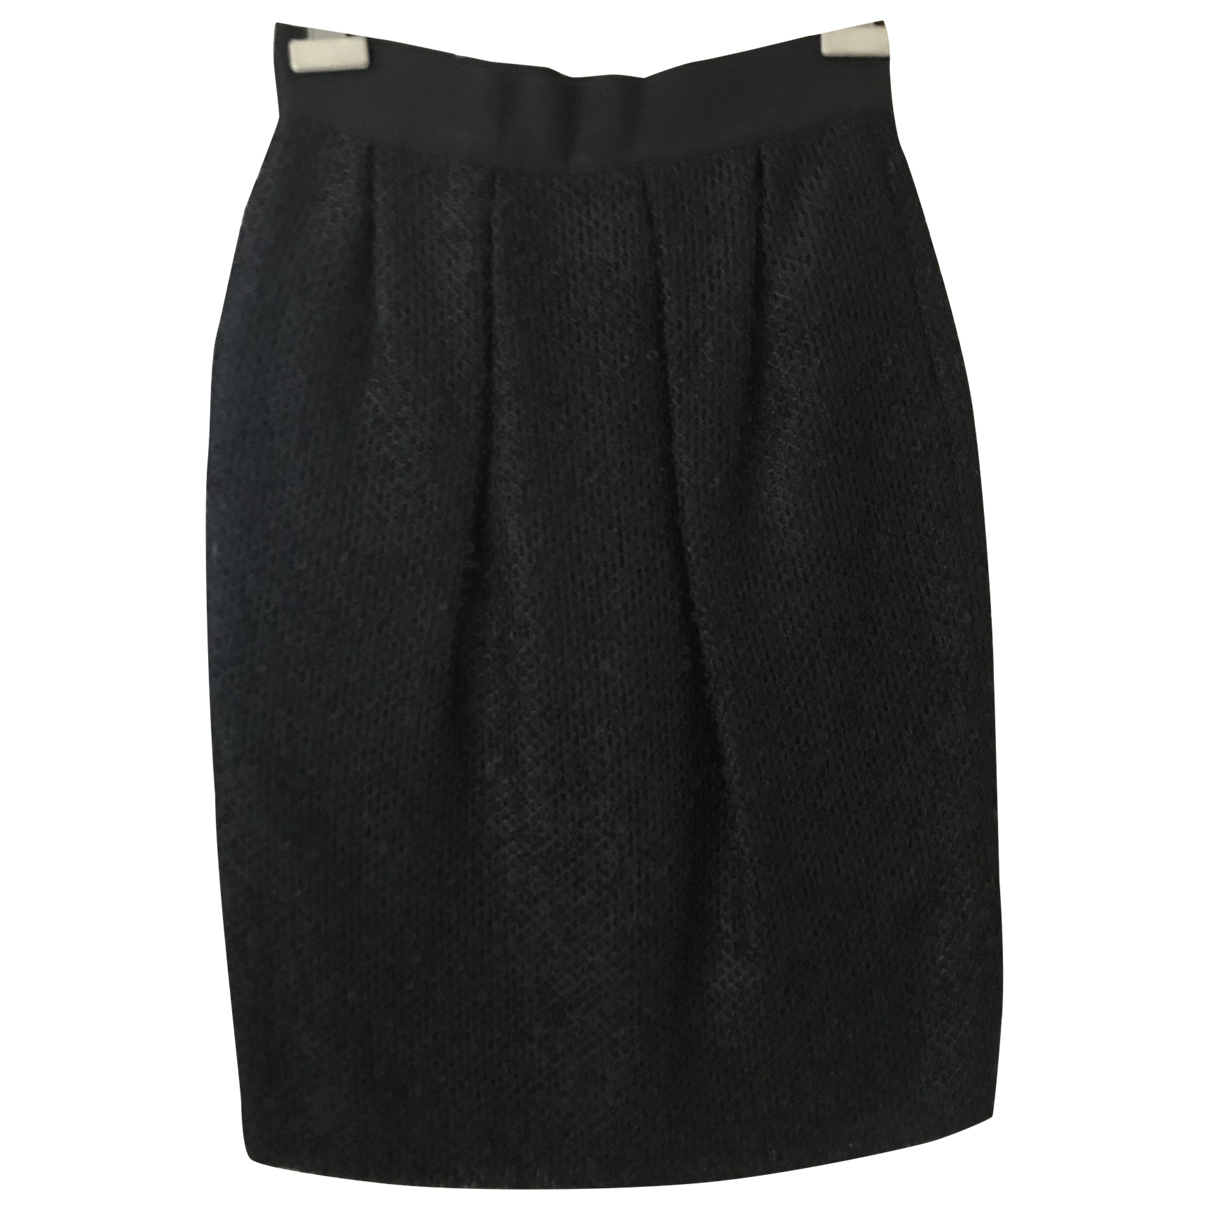 Valentino Garavani \N Black Wool skirt for Women 8 UK